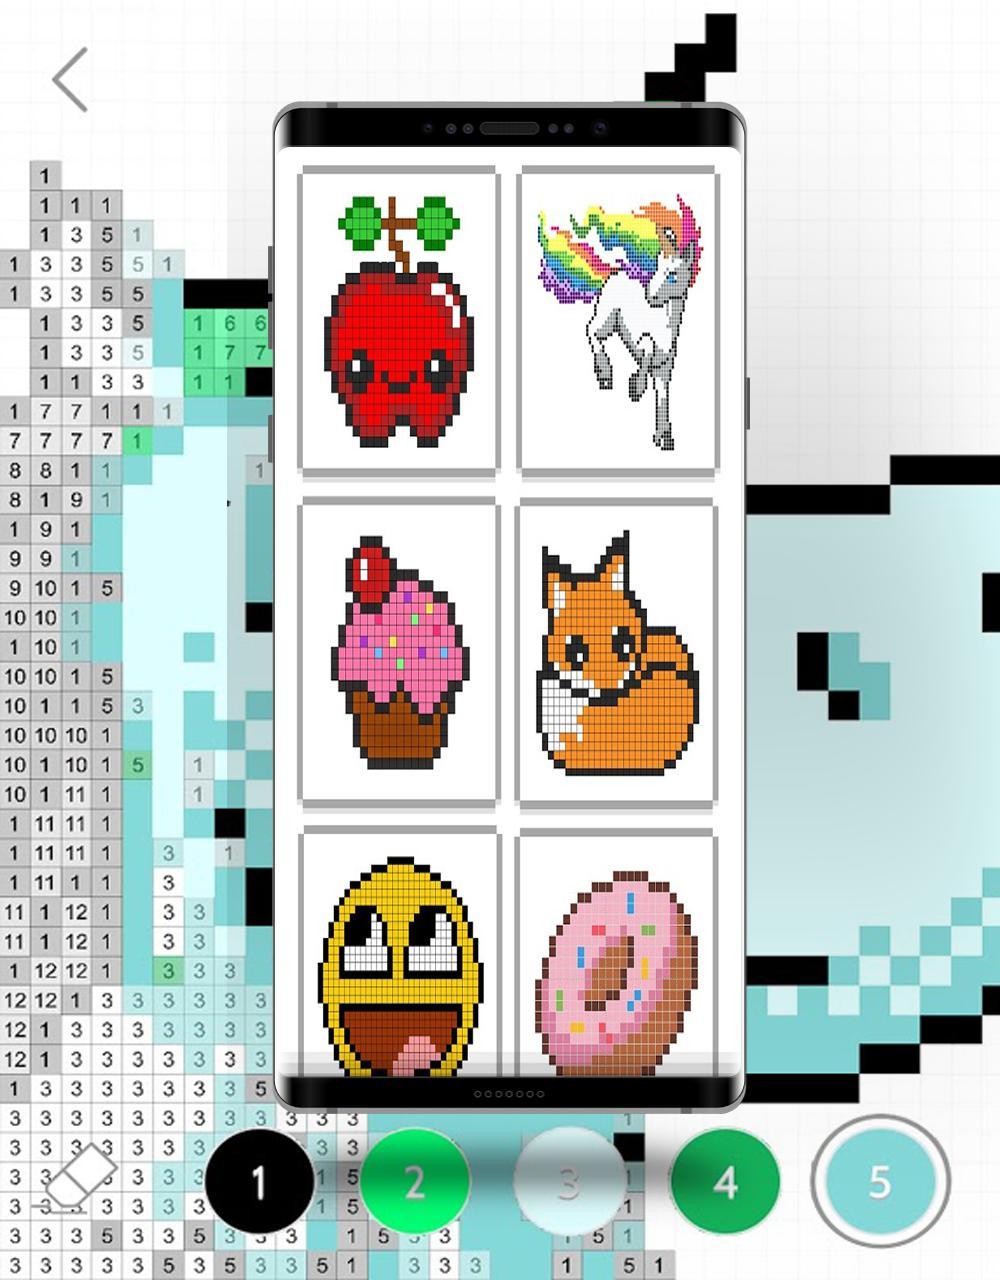 Coloriage Magique Gratuit - Color Pixel By Number For tout Coloriage Pixel Gratuit